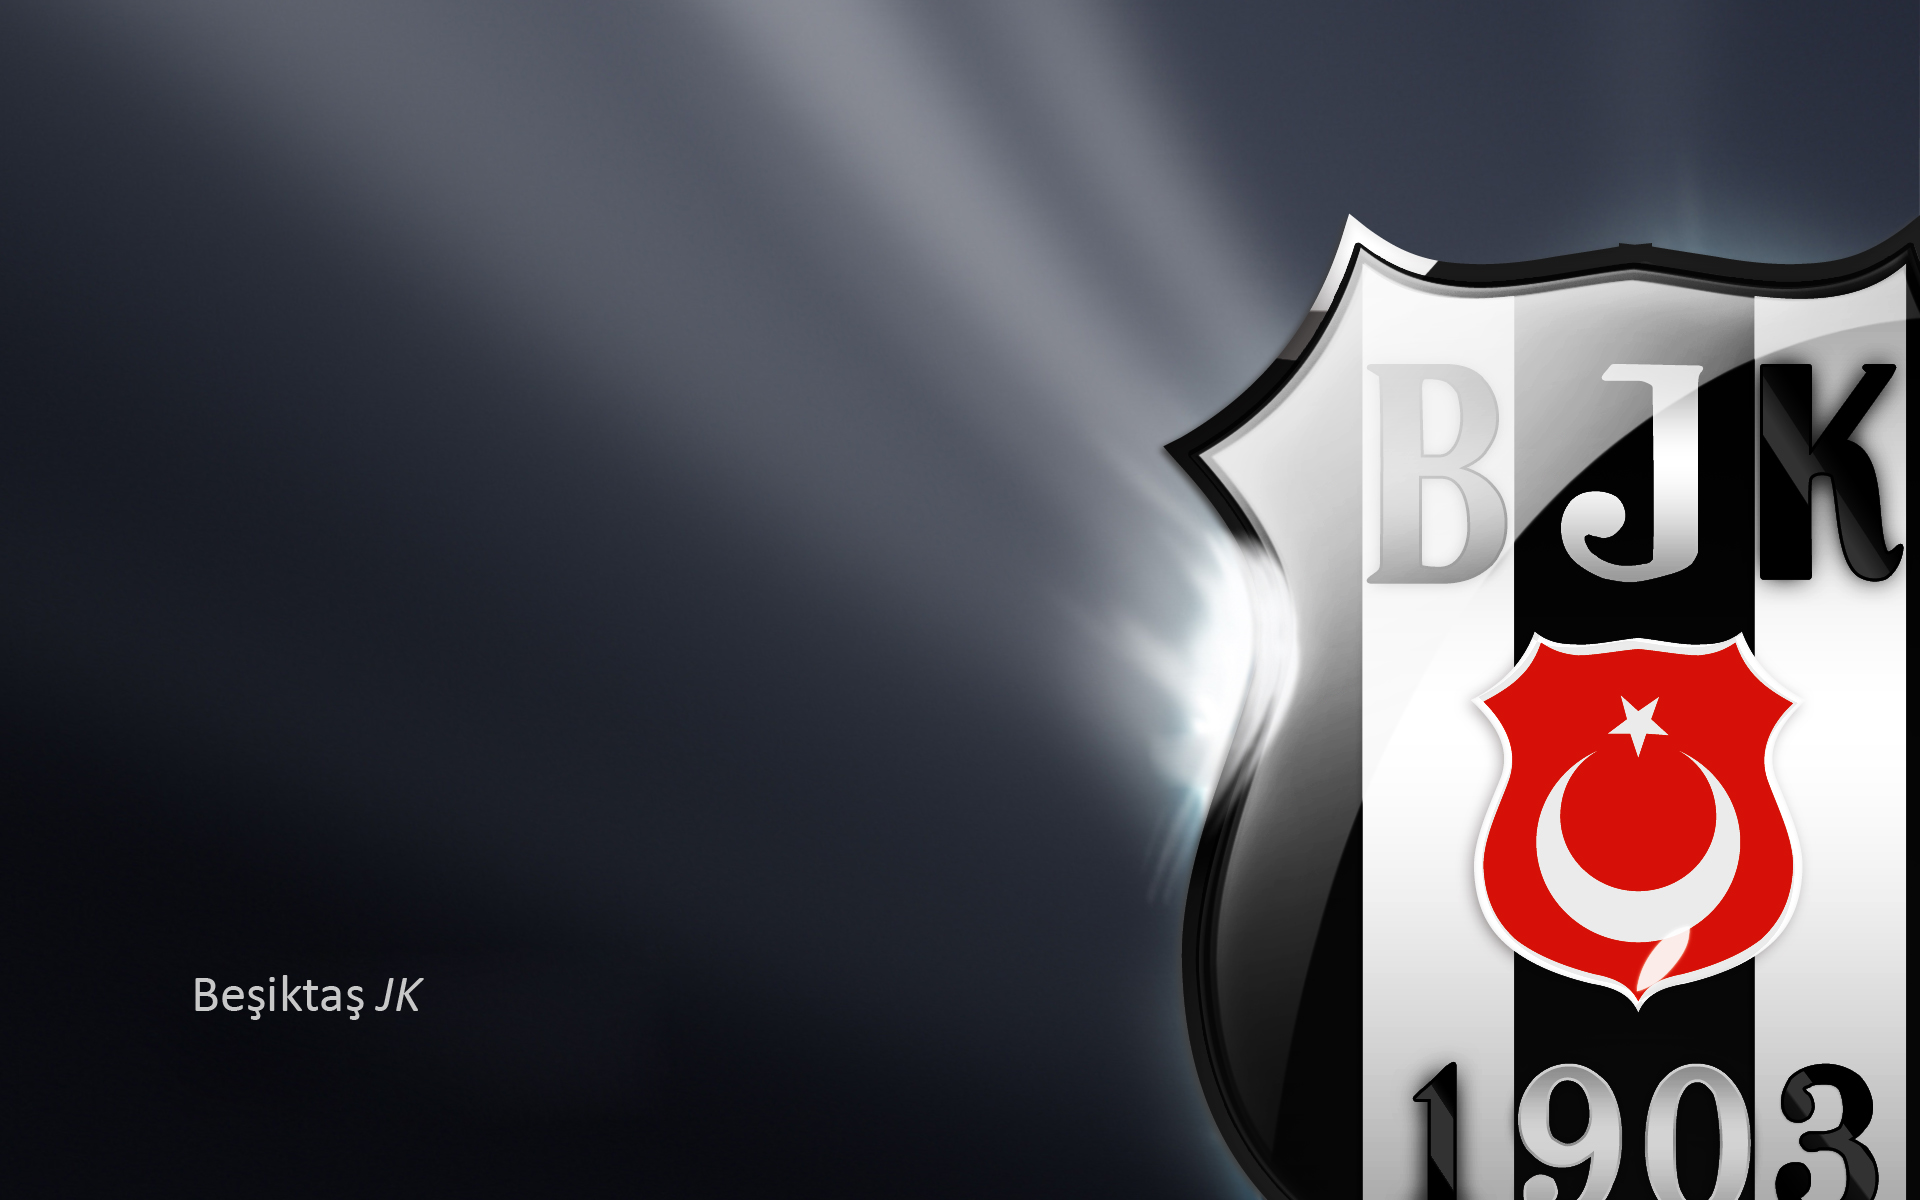 KaraKartal BJK by TelciDigital Beşiktaş HD Logoları